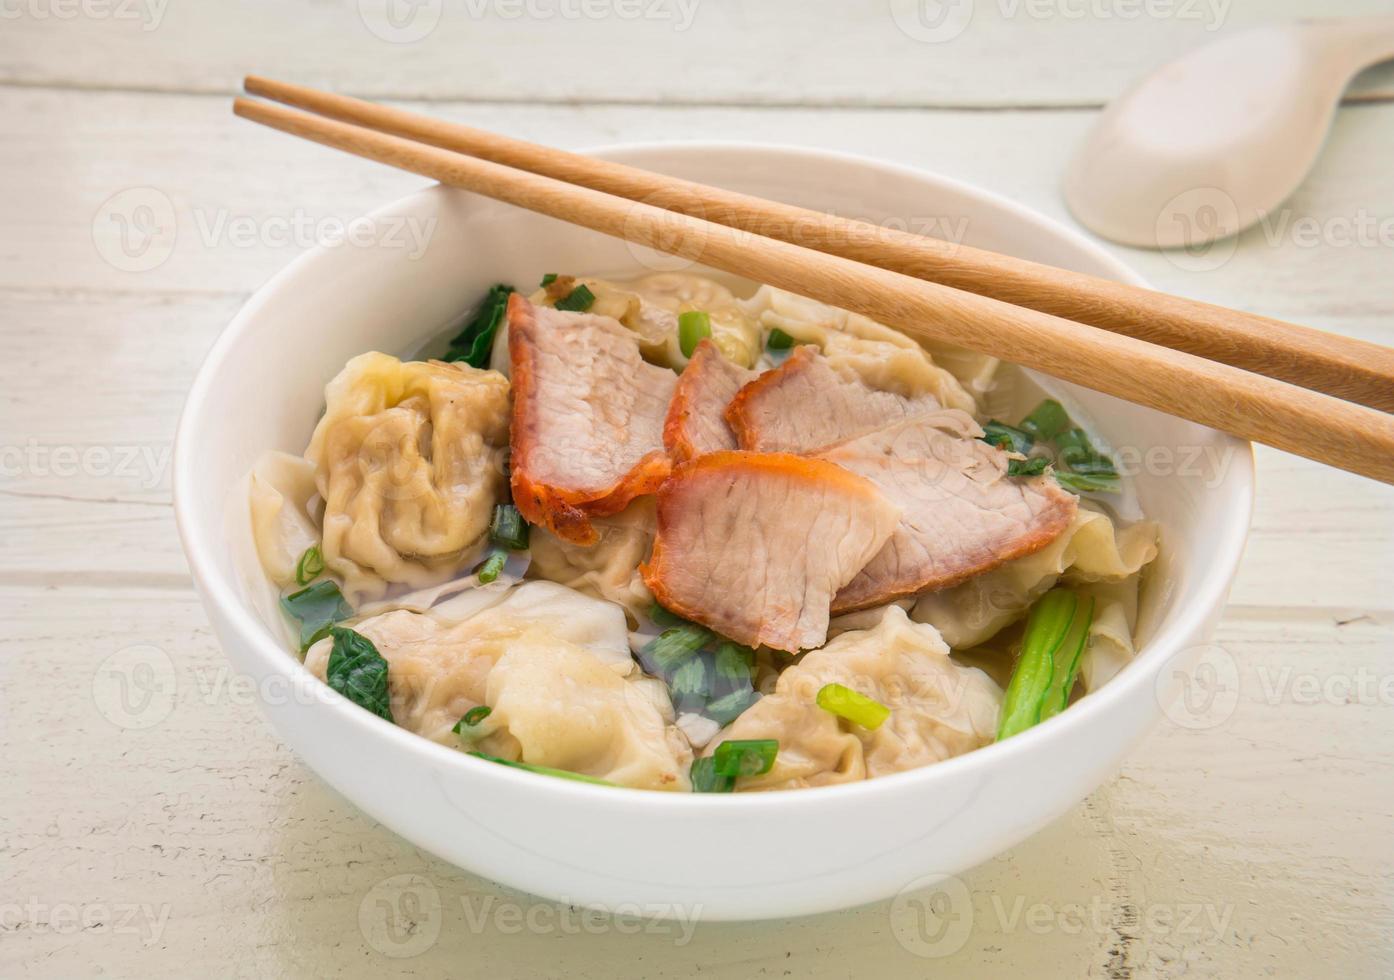 Wontonsuppe mit geröstetem rotem Schweinefleisch, chinesisches Essen foto